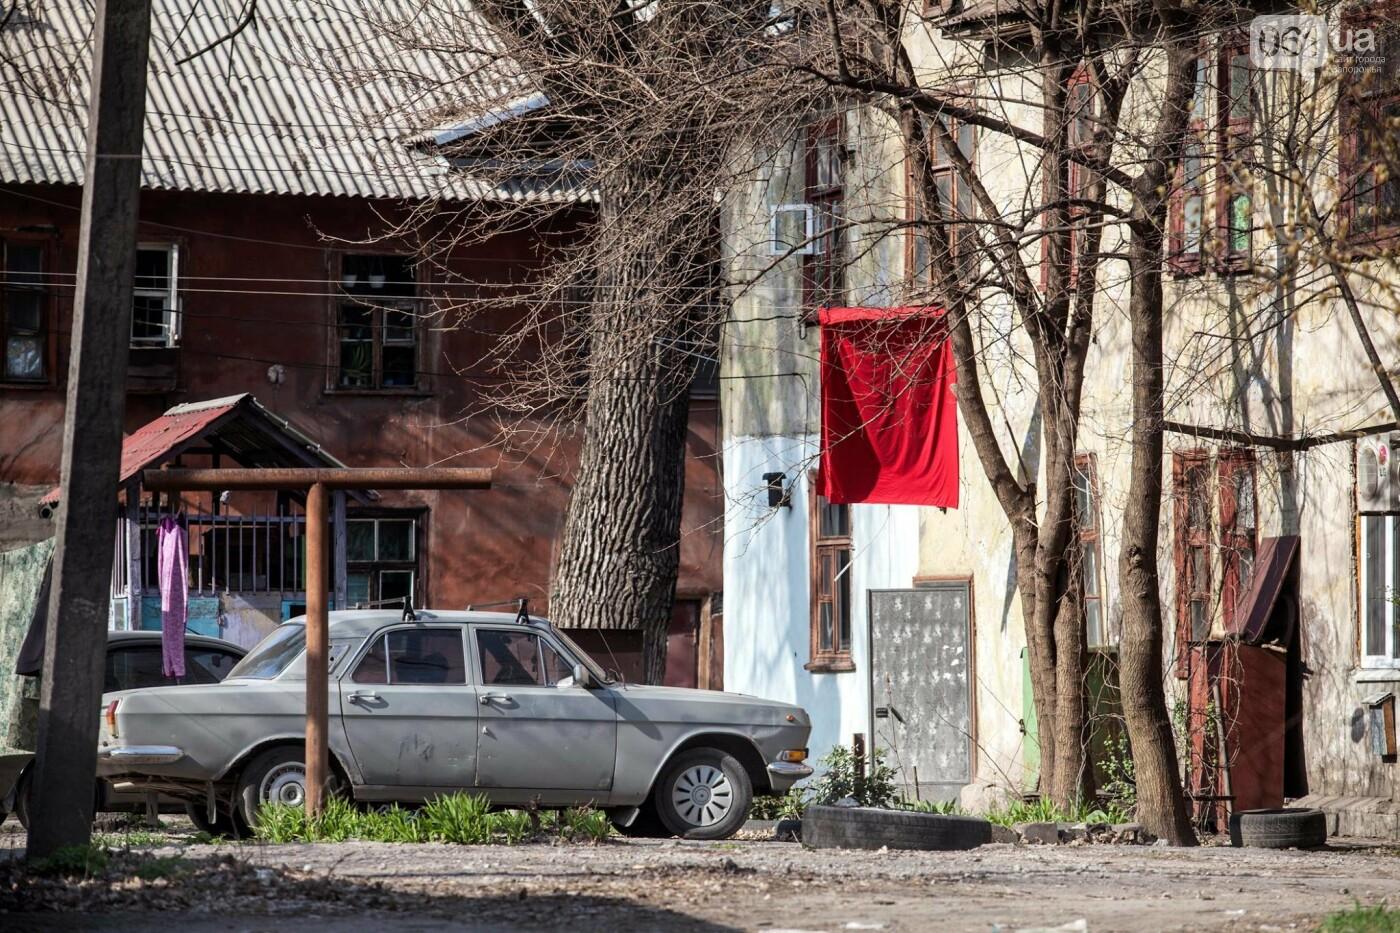 Киевский фотограф показал Кичкас в 50 фотографиях: «своя особая красота», - ФОТОРЕПОРТАЖ, фото-2